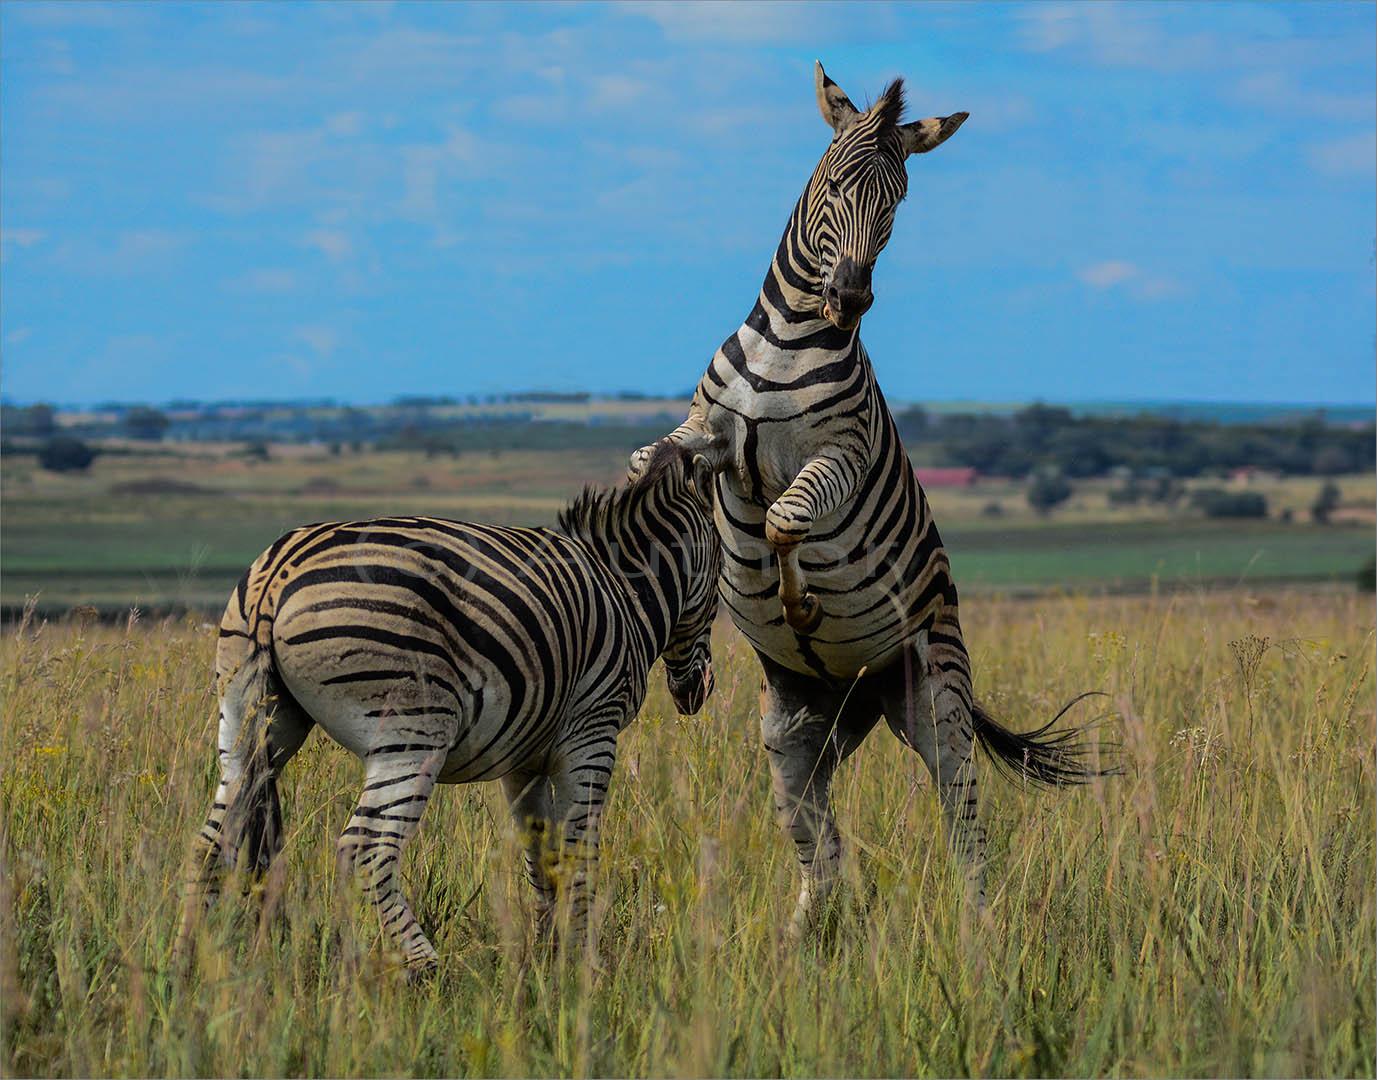 3_NA_Zebra Fight_Brian Kleinwort